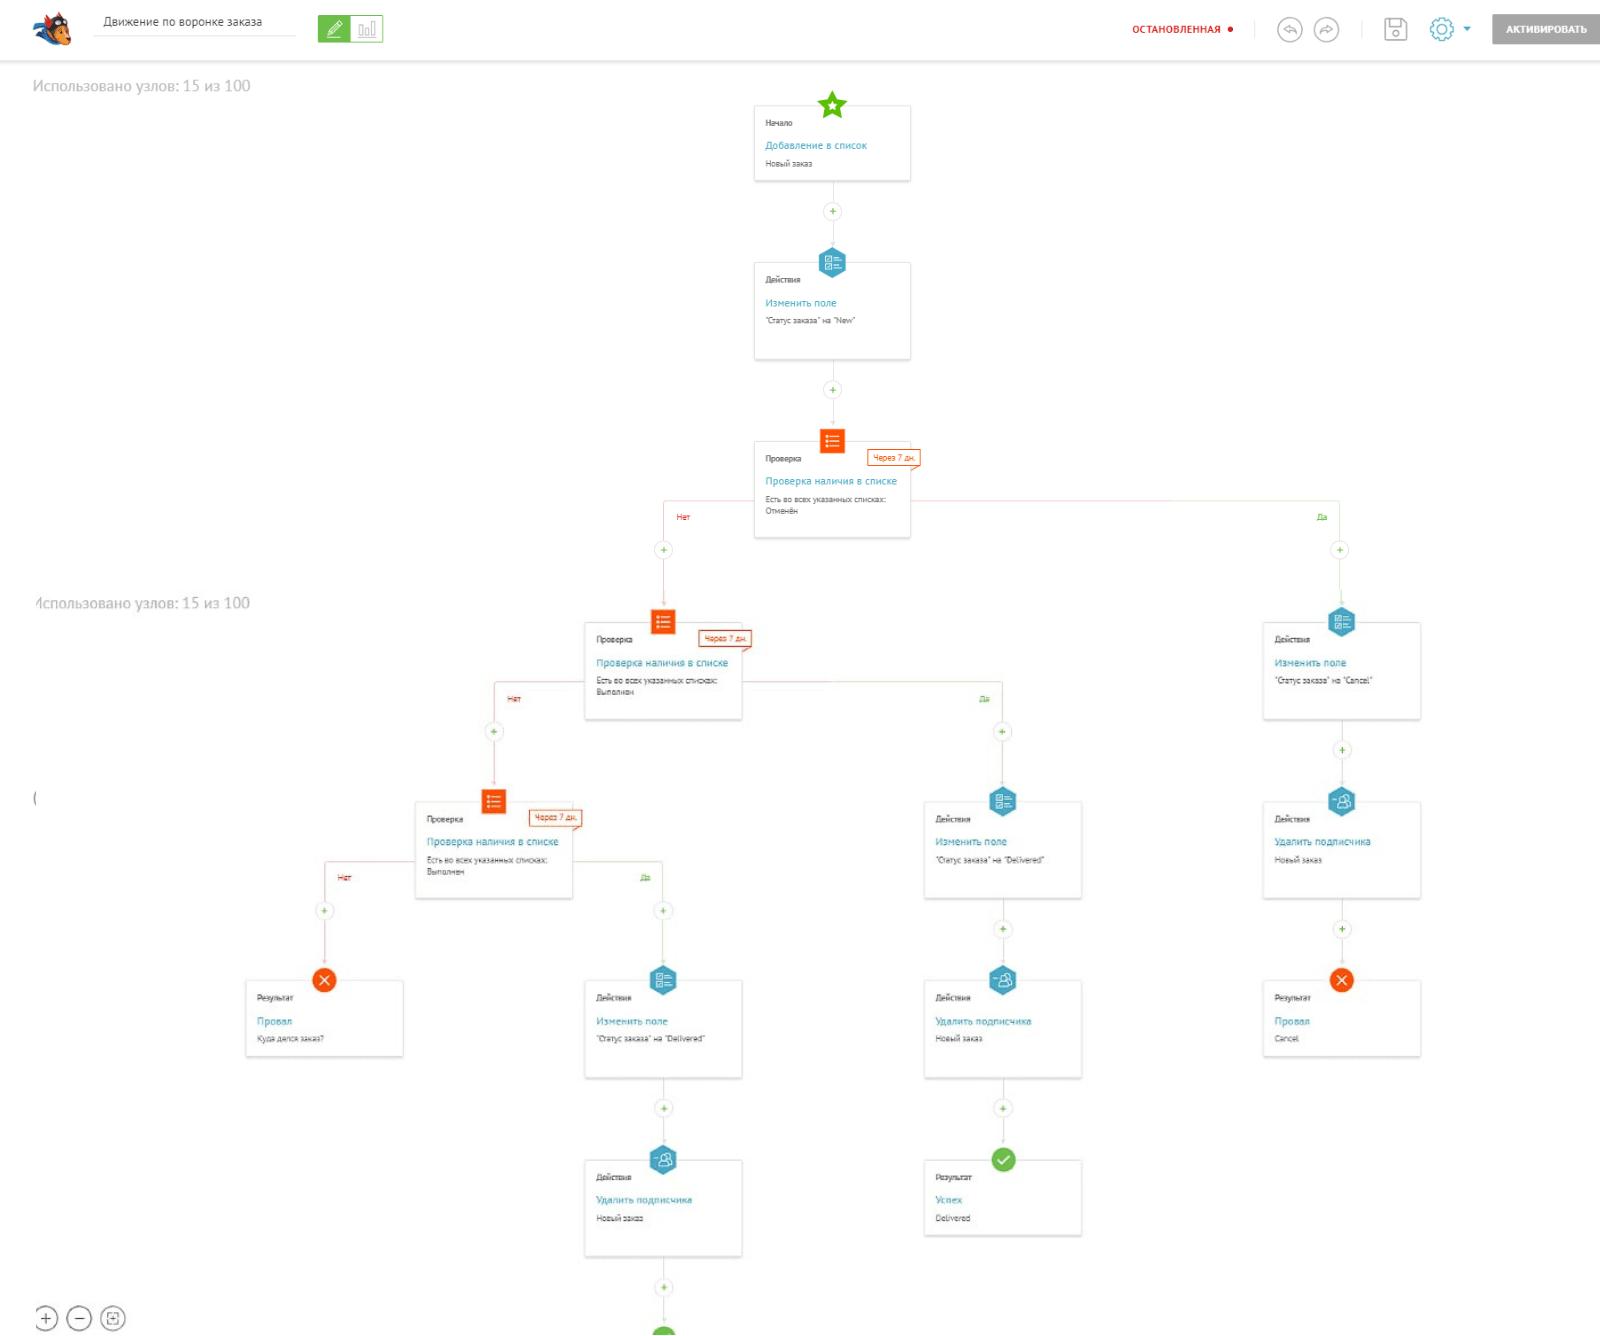 Сценарий автоматизации воронки заказов интернет-магазина Стельки.ру в UniSender